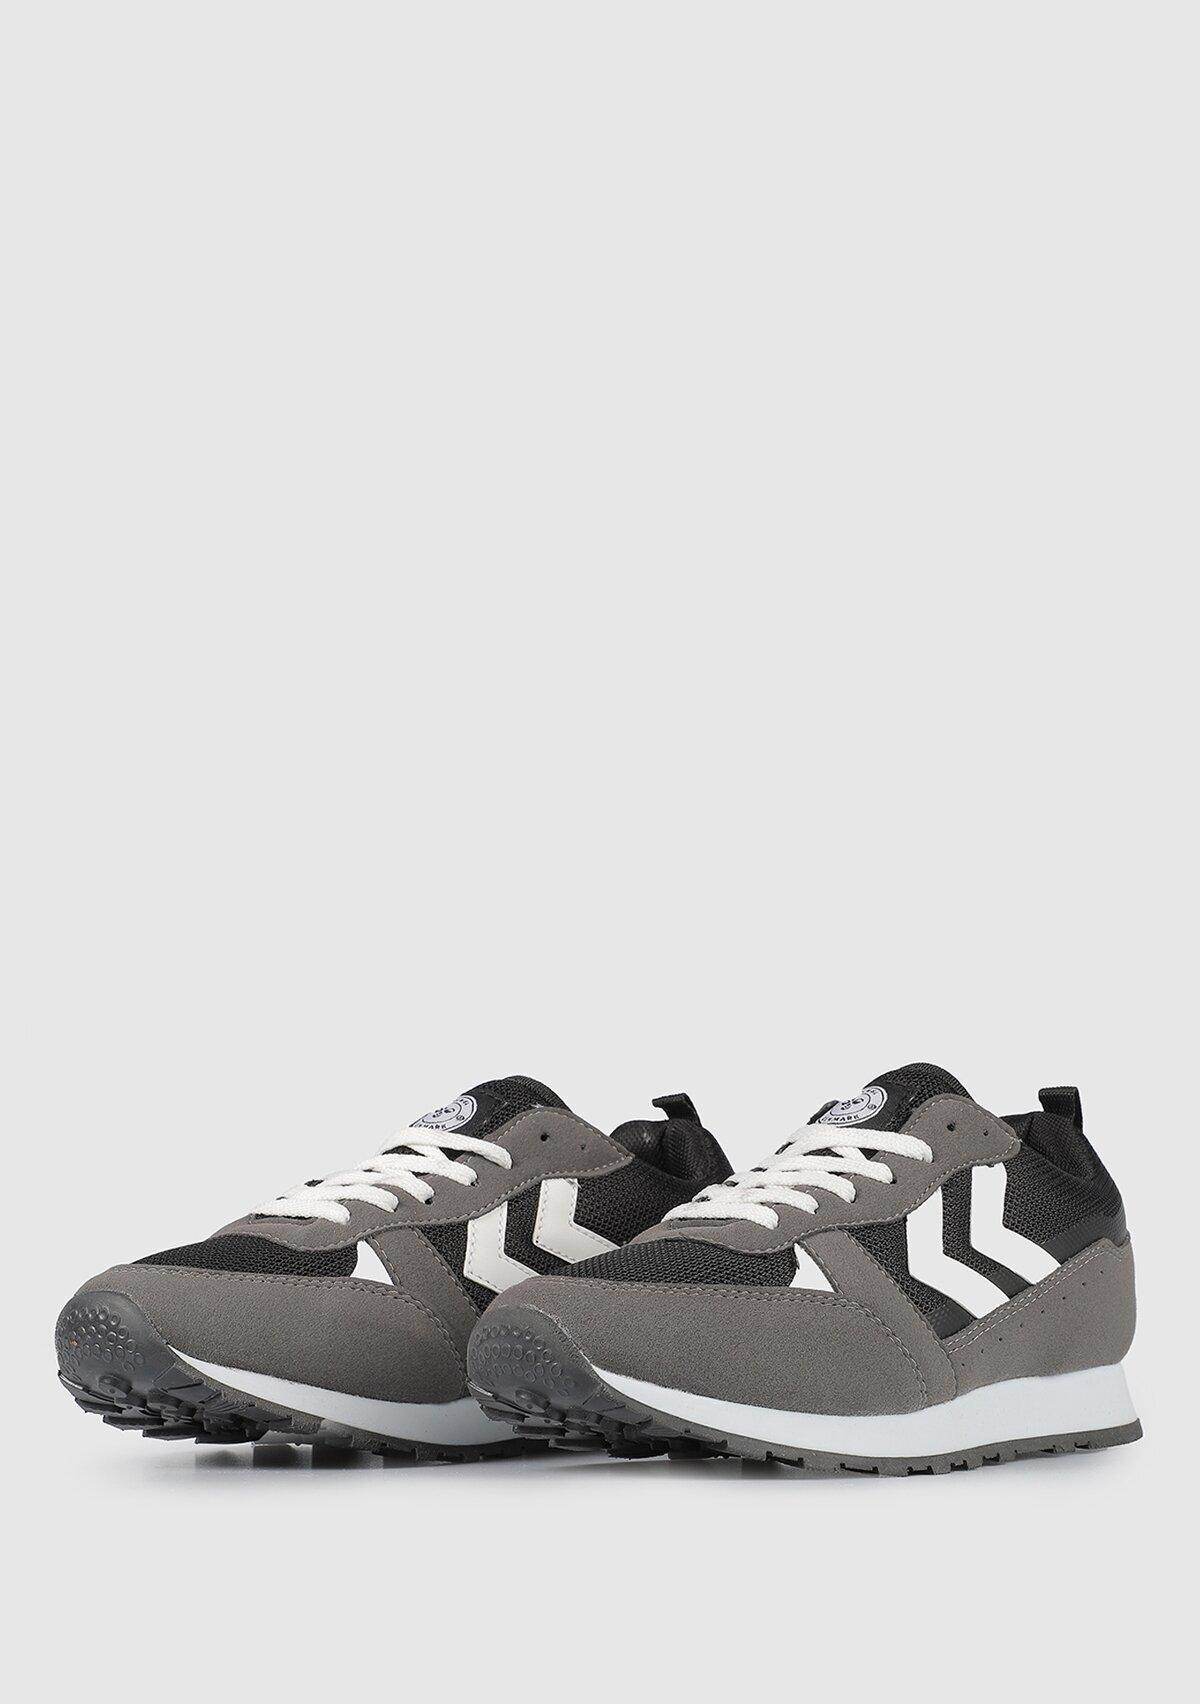 resm Hml Tahara Gri Unisex Sneaker 208715-2001